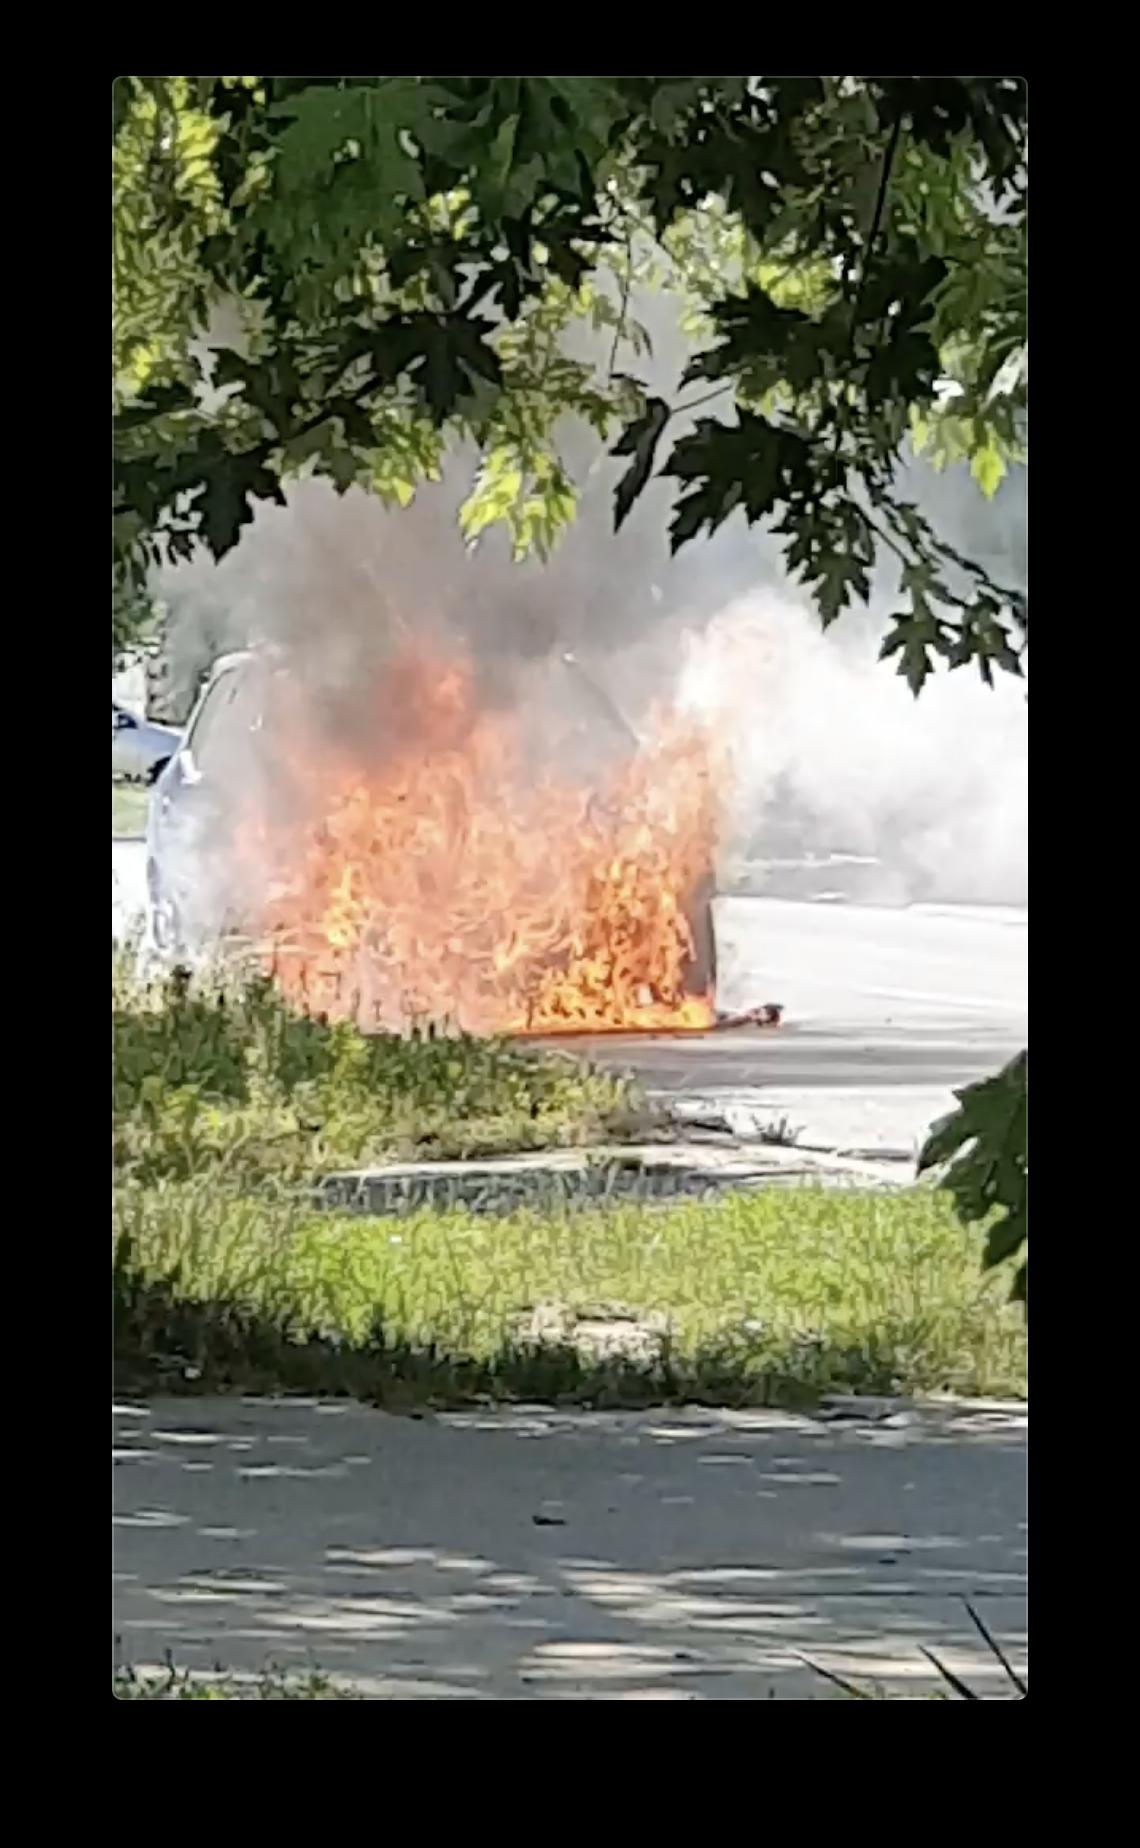 Đakovo: Auto mu se zapalio u vožnji, vozač je uspio pobjeći